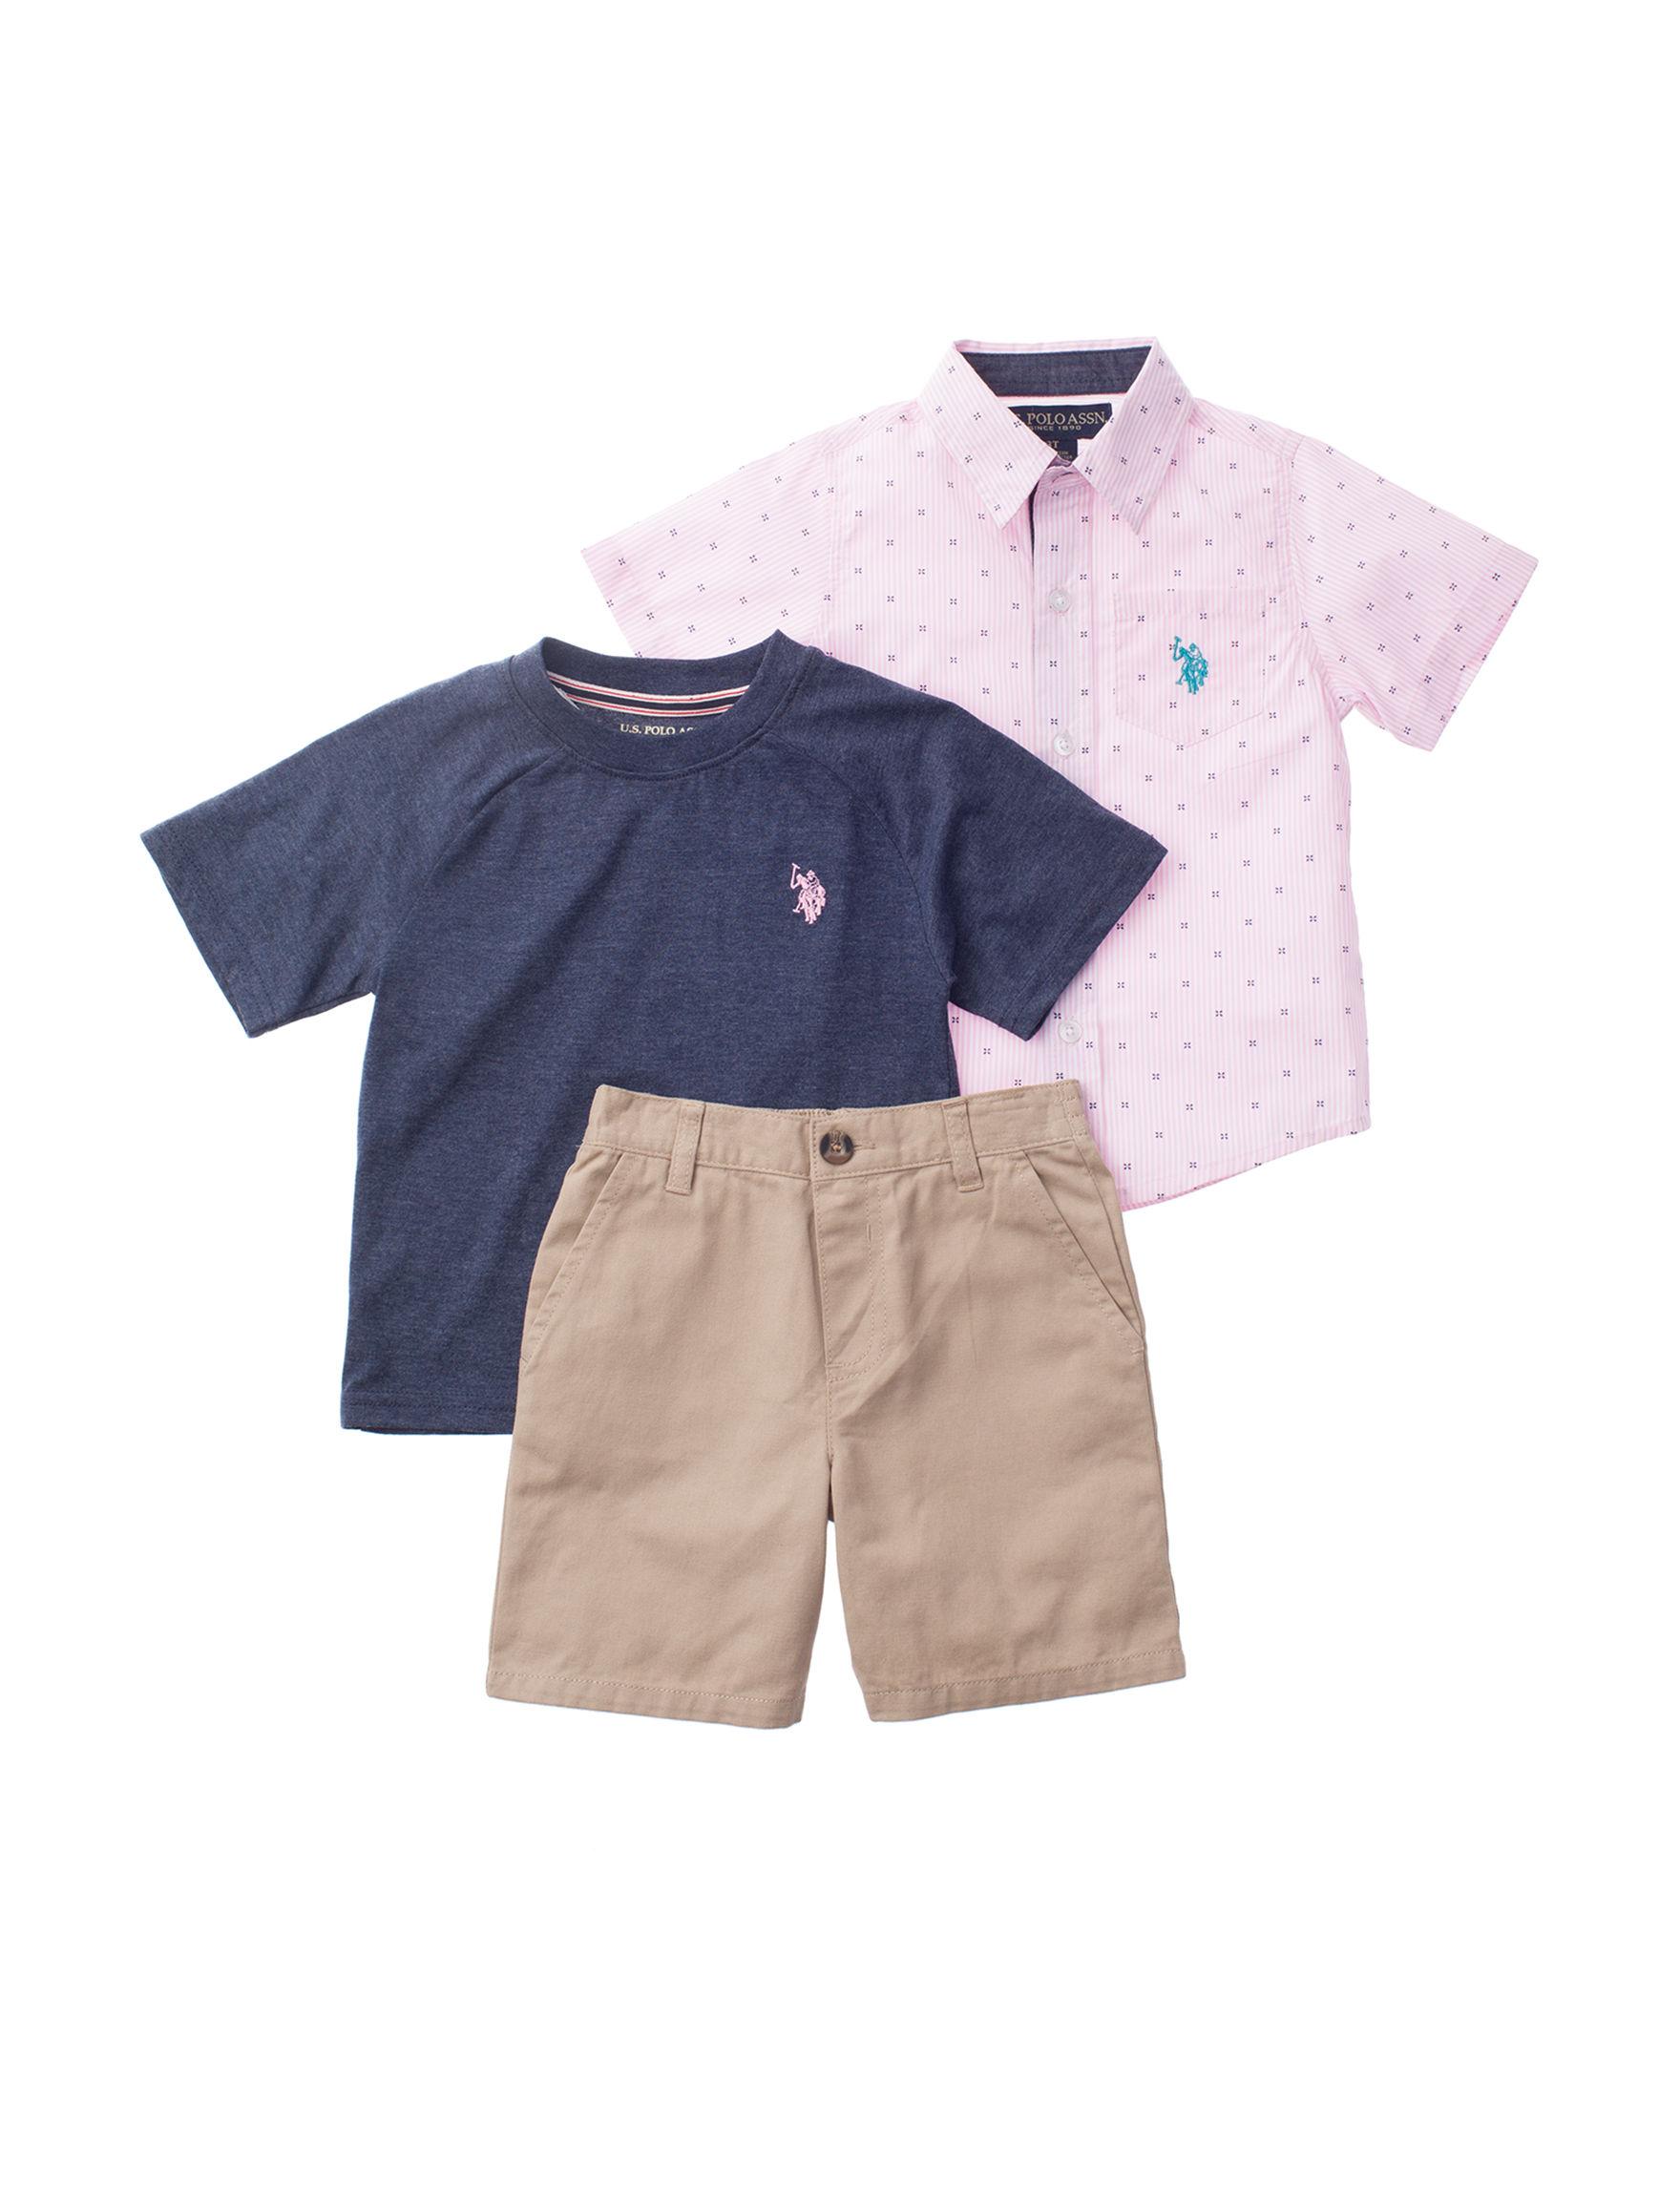 U.S. Polo Assn. Pink / Blue